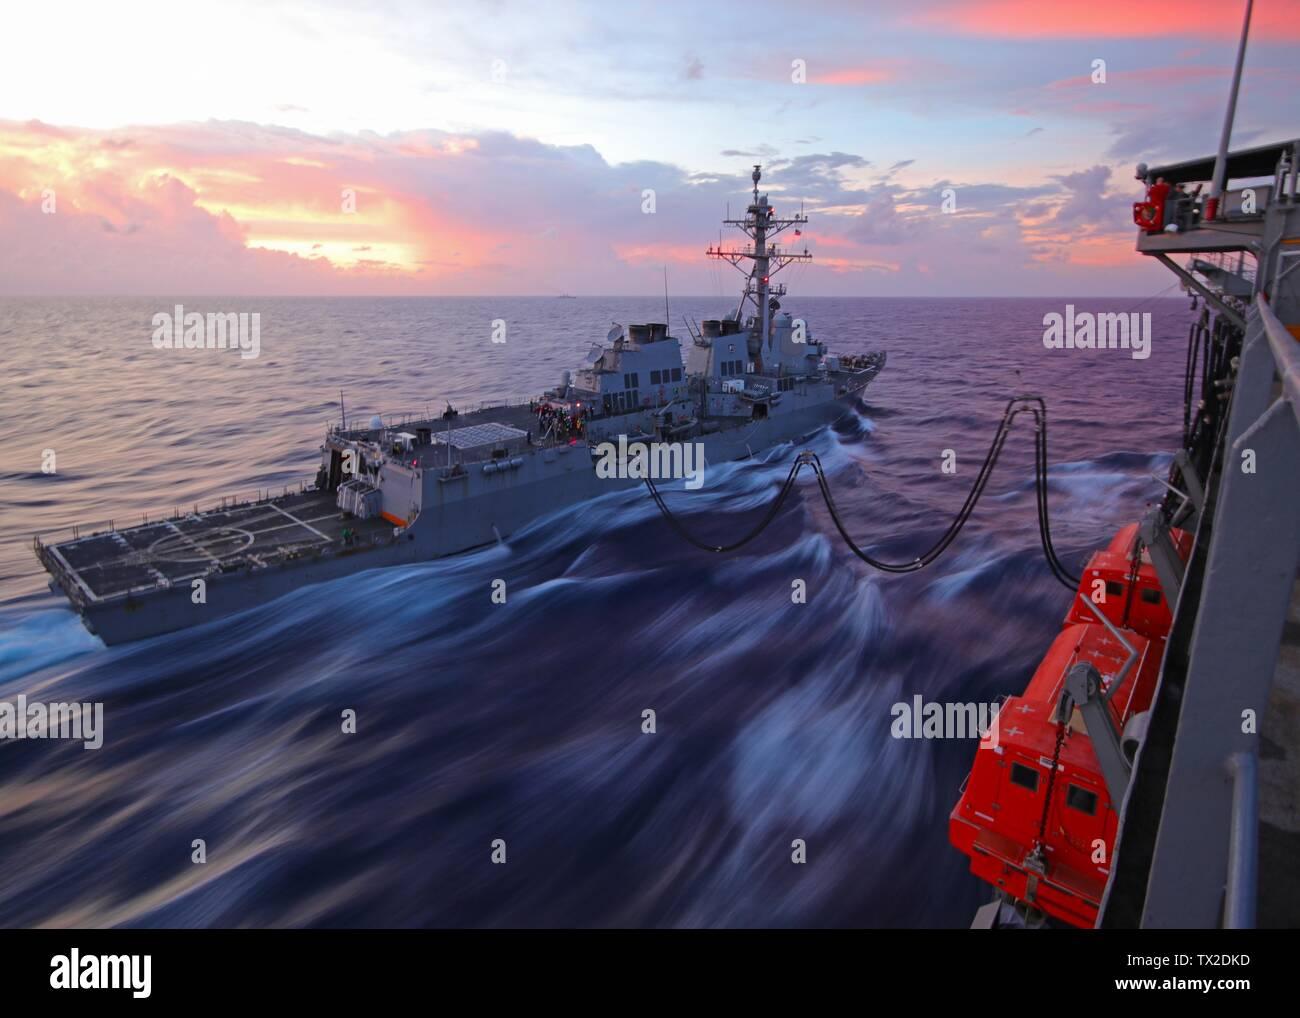 190612-Z-VQ827-1001 Mar de Filipinas (12 de junio de 2019) clase Arleigh Burke de misiles guiados destructor USS McCampbell (DDG 85) toma el combustible junto con el lubricador de reposición de flota USNS John Ericsson (T-AO 194) durante una reposición en el mar. Es McCampbell desplegadas a la séptima Flota de EE.UU. zona de operaciones en apoyo de la seguridad y la estabilidad en la región del Indo-Pacífico. (Foto por Nick Hall) Foto de stock